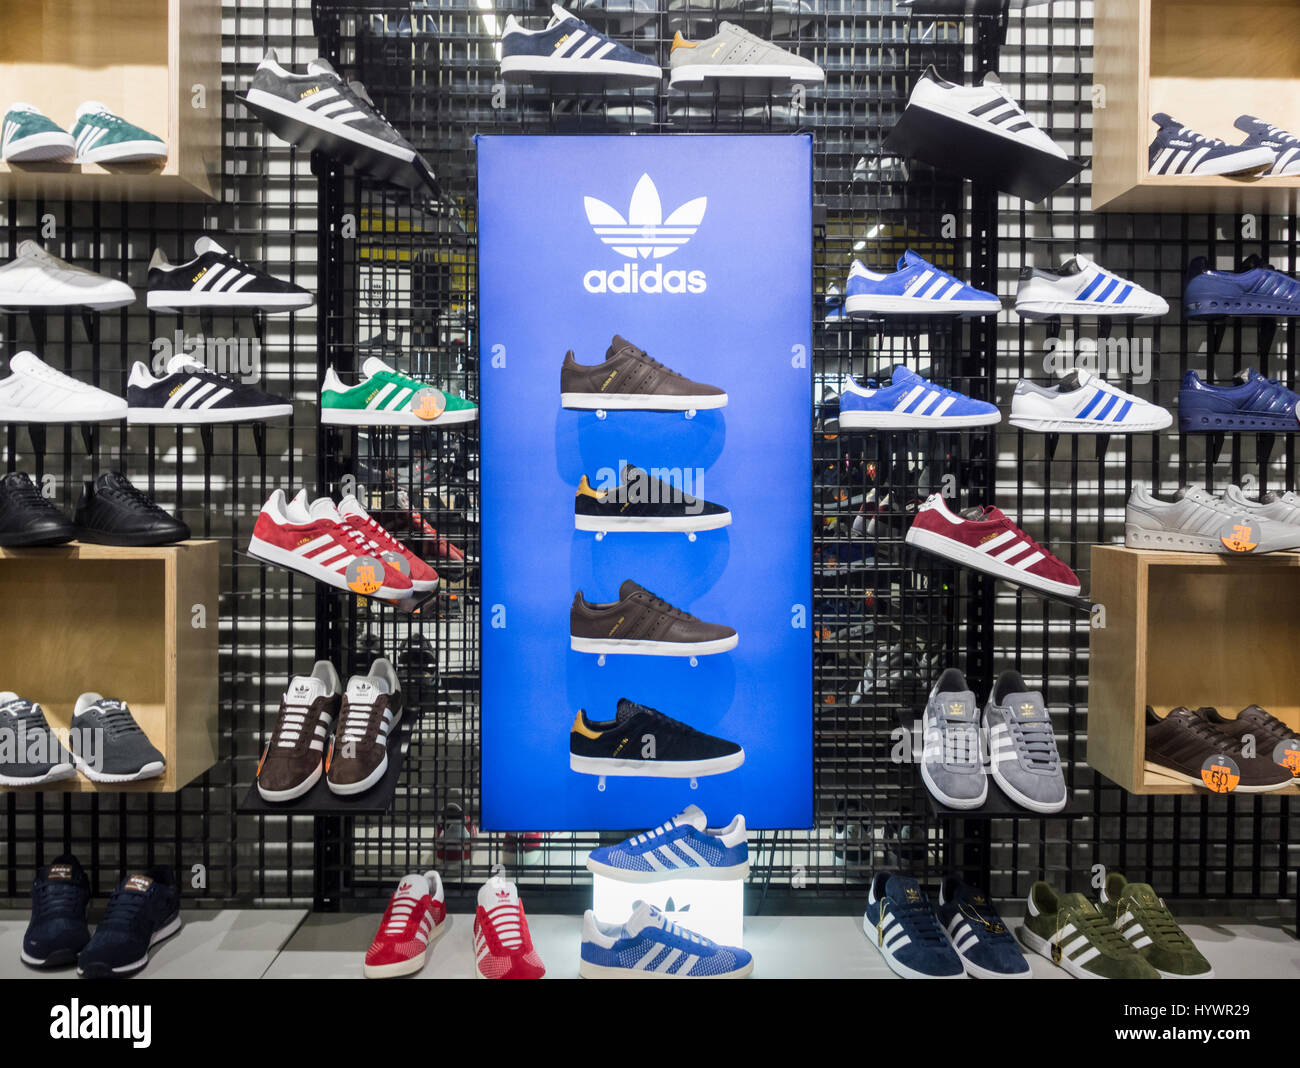 san francisco 186f4 78a8e JD negozio di sport. Regno Unito. Adidas nioscarpe running display